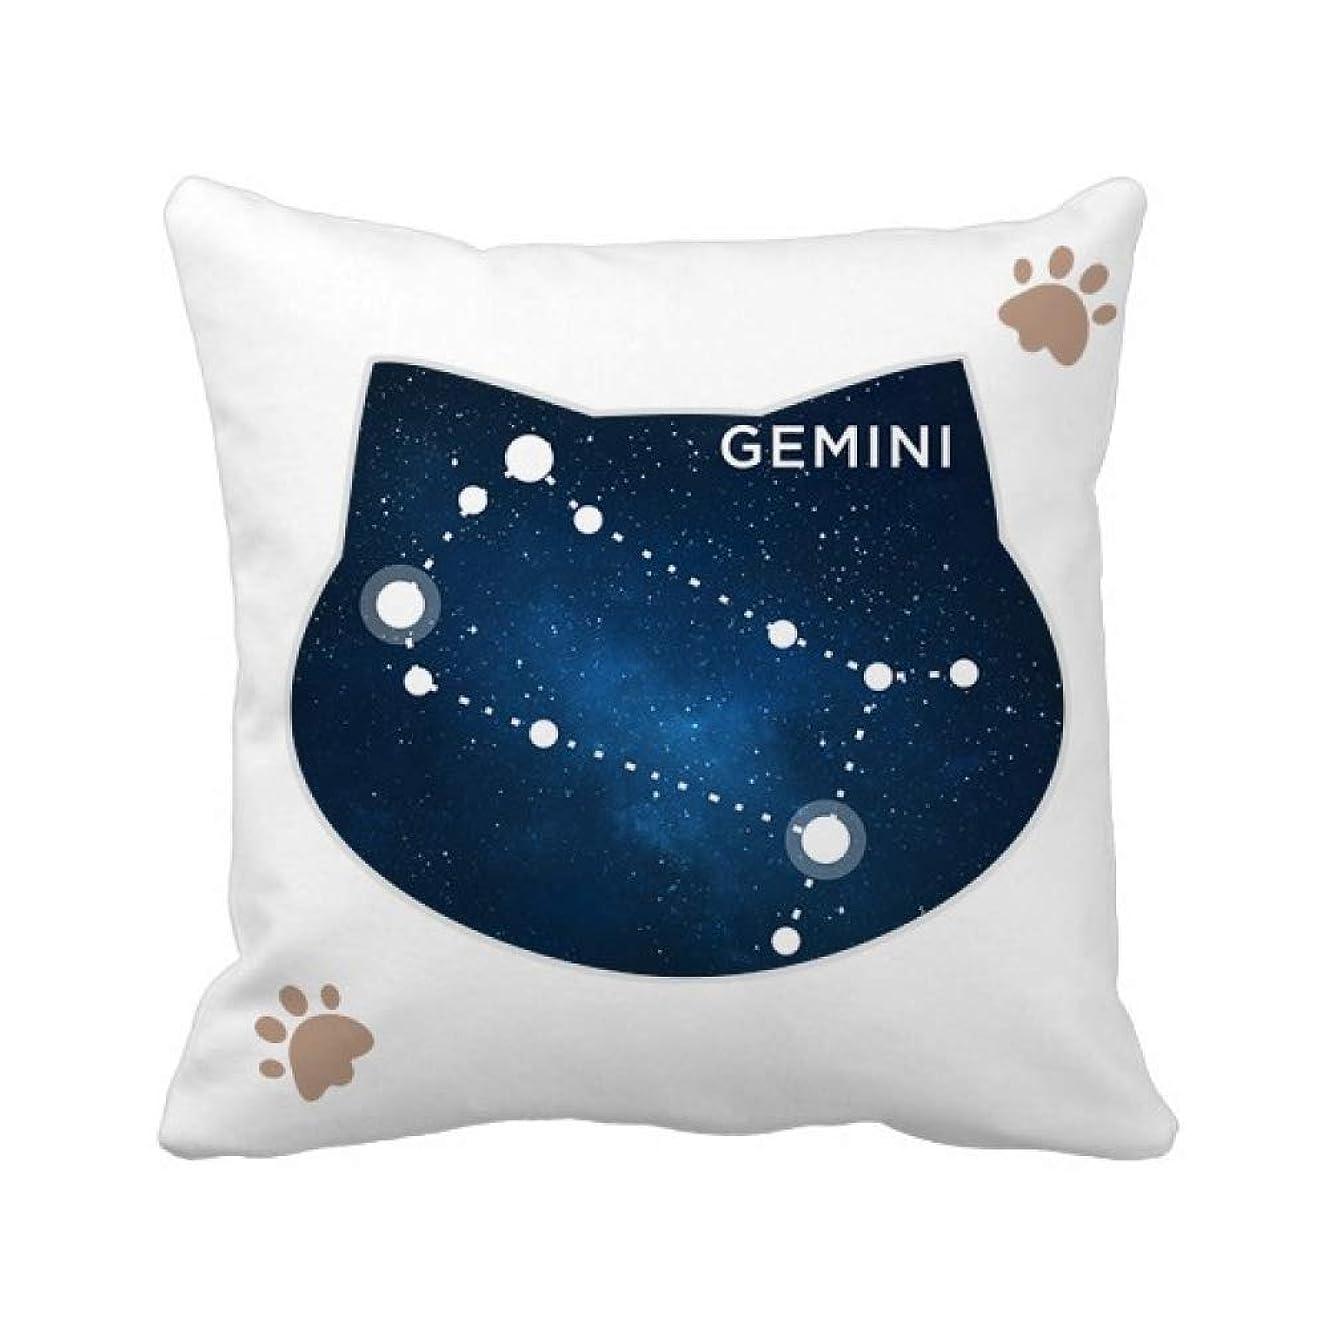 数学者スラムデコレーション双子座の星座の十二宮のサイン 枕カバーを放り投げる猫広場 50cm x 50cm